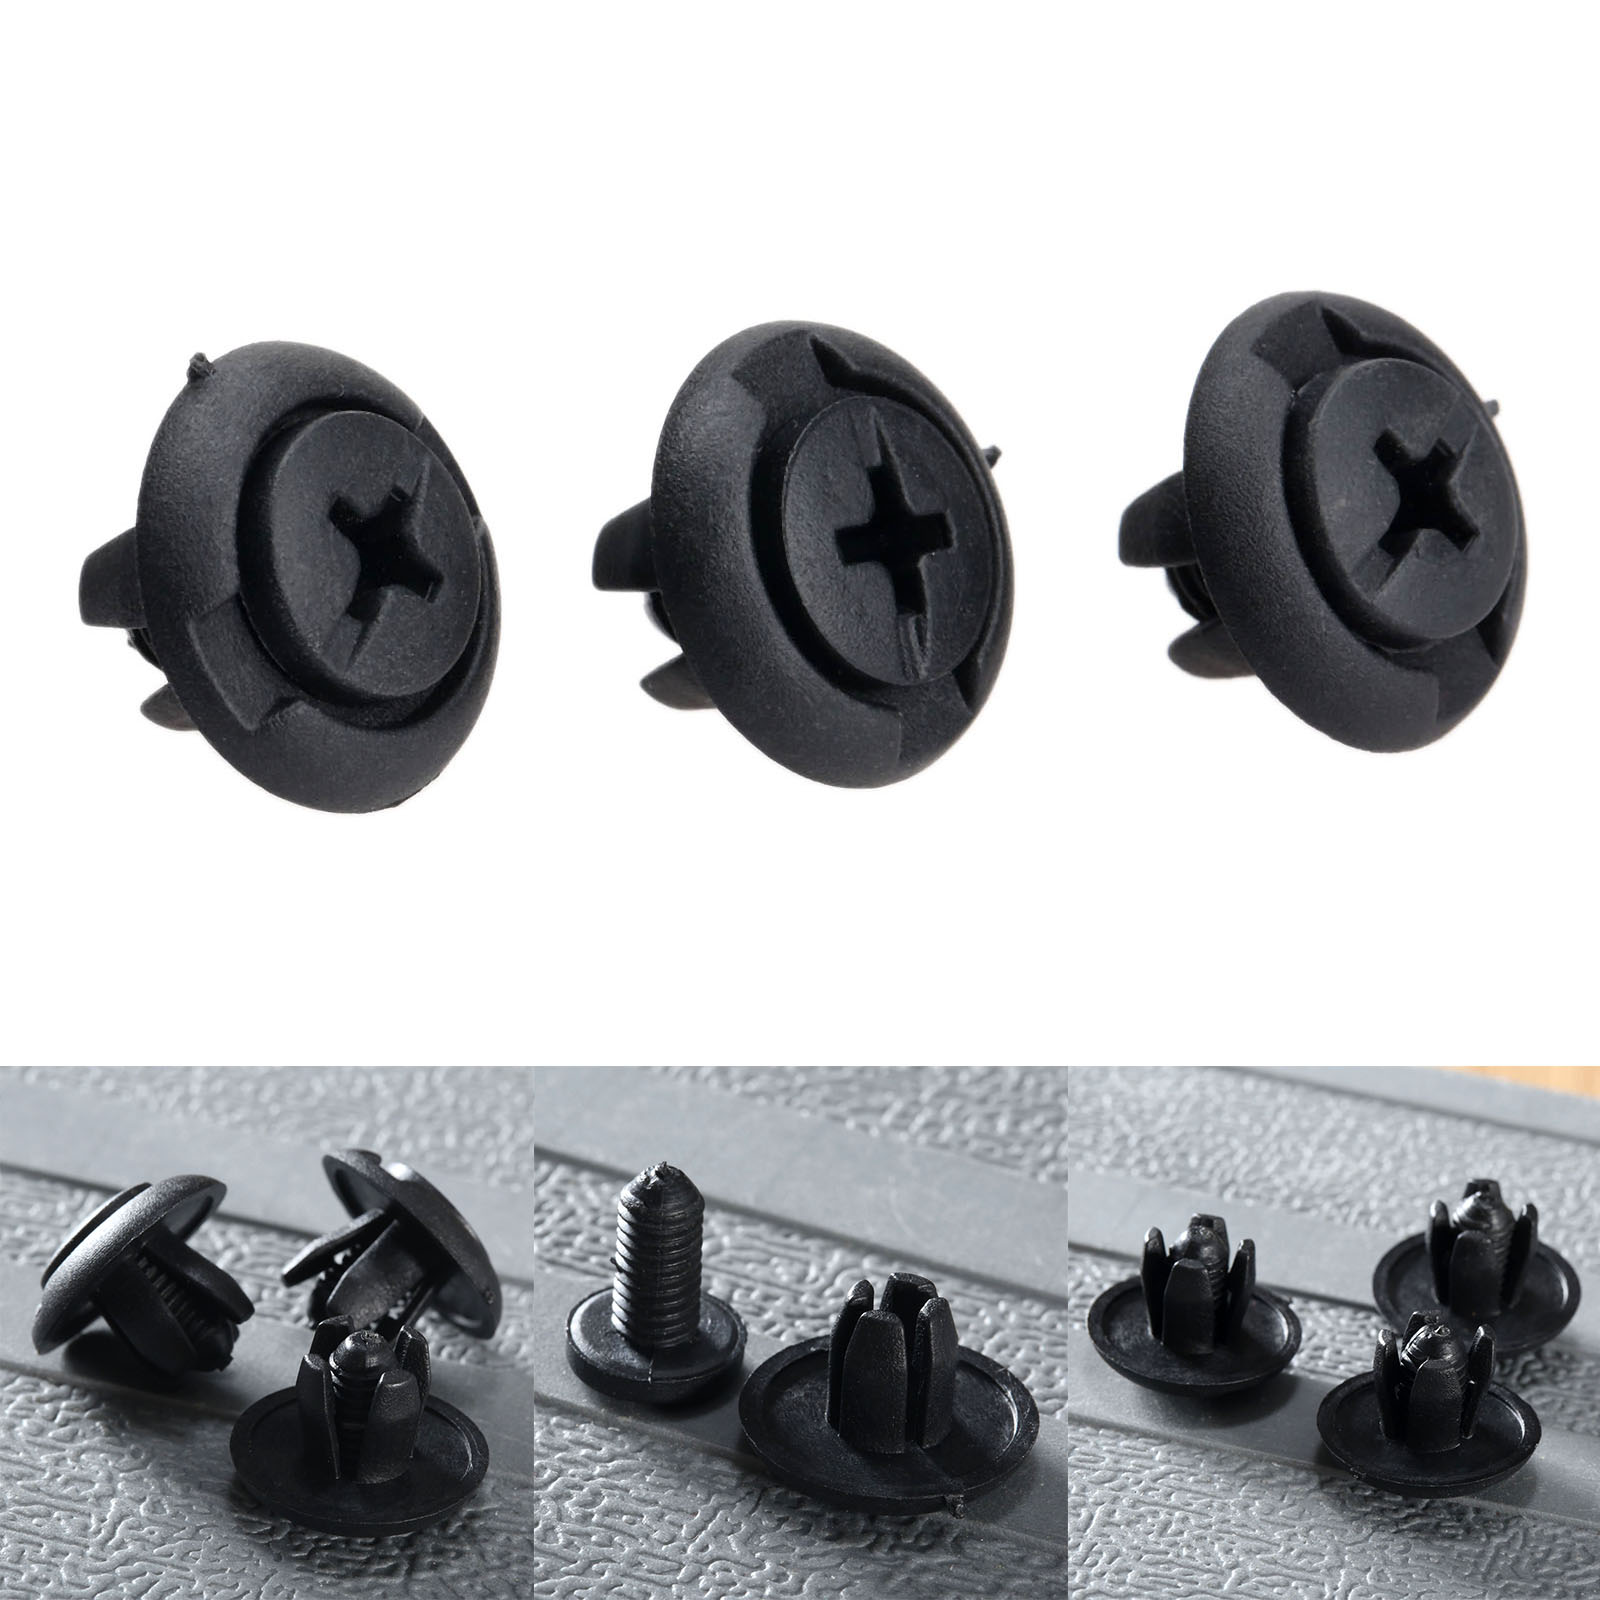 50x AUDI 8 mm Parachoques /& Protección Contra Salpicaduras Plástico Remache Cuerpo Panel Retención Recortar Clips